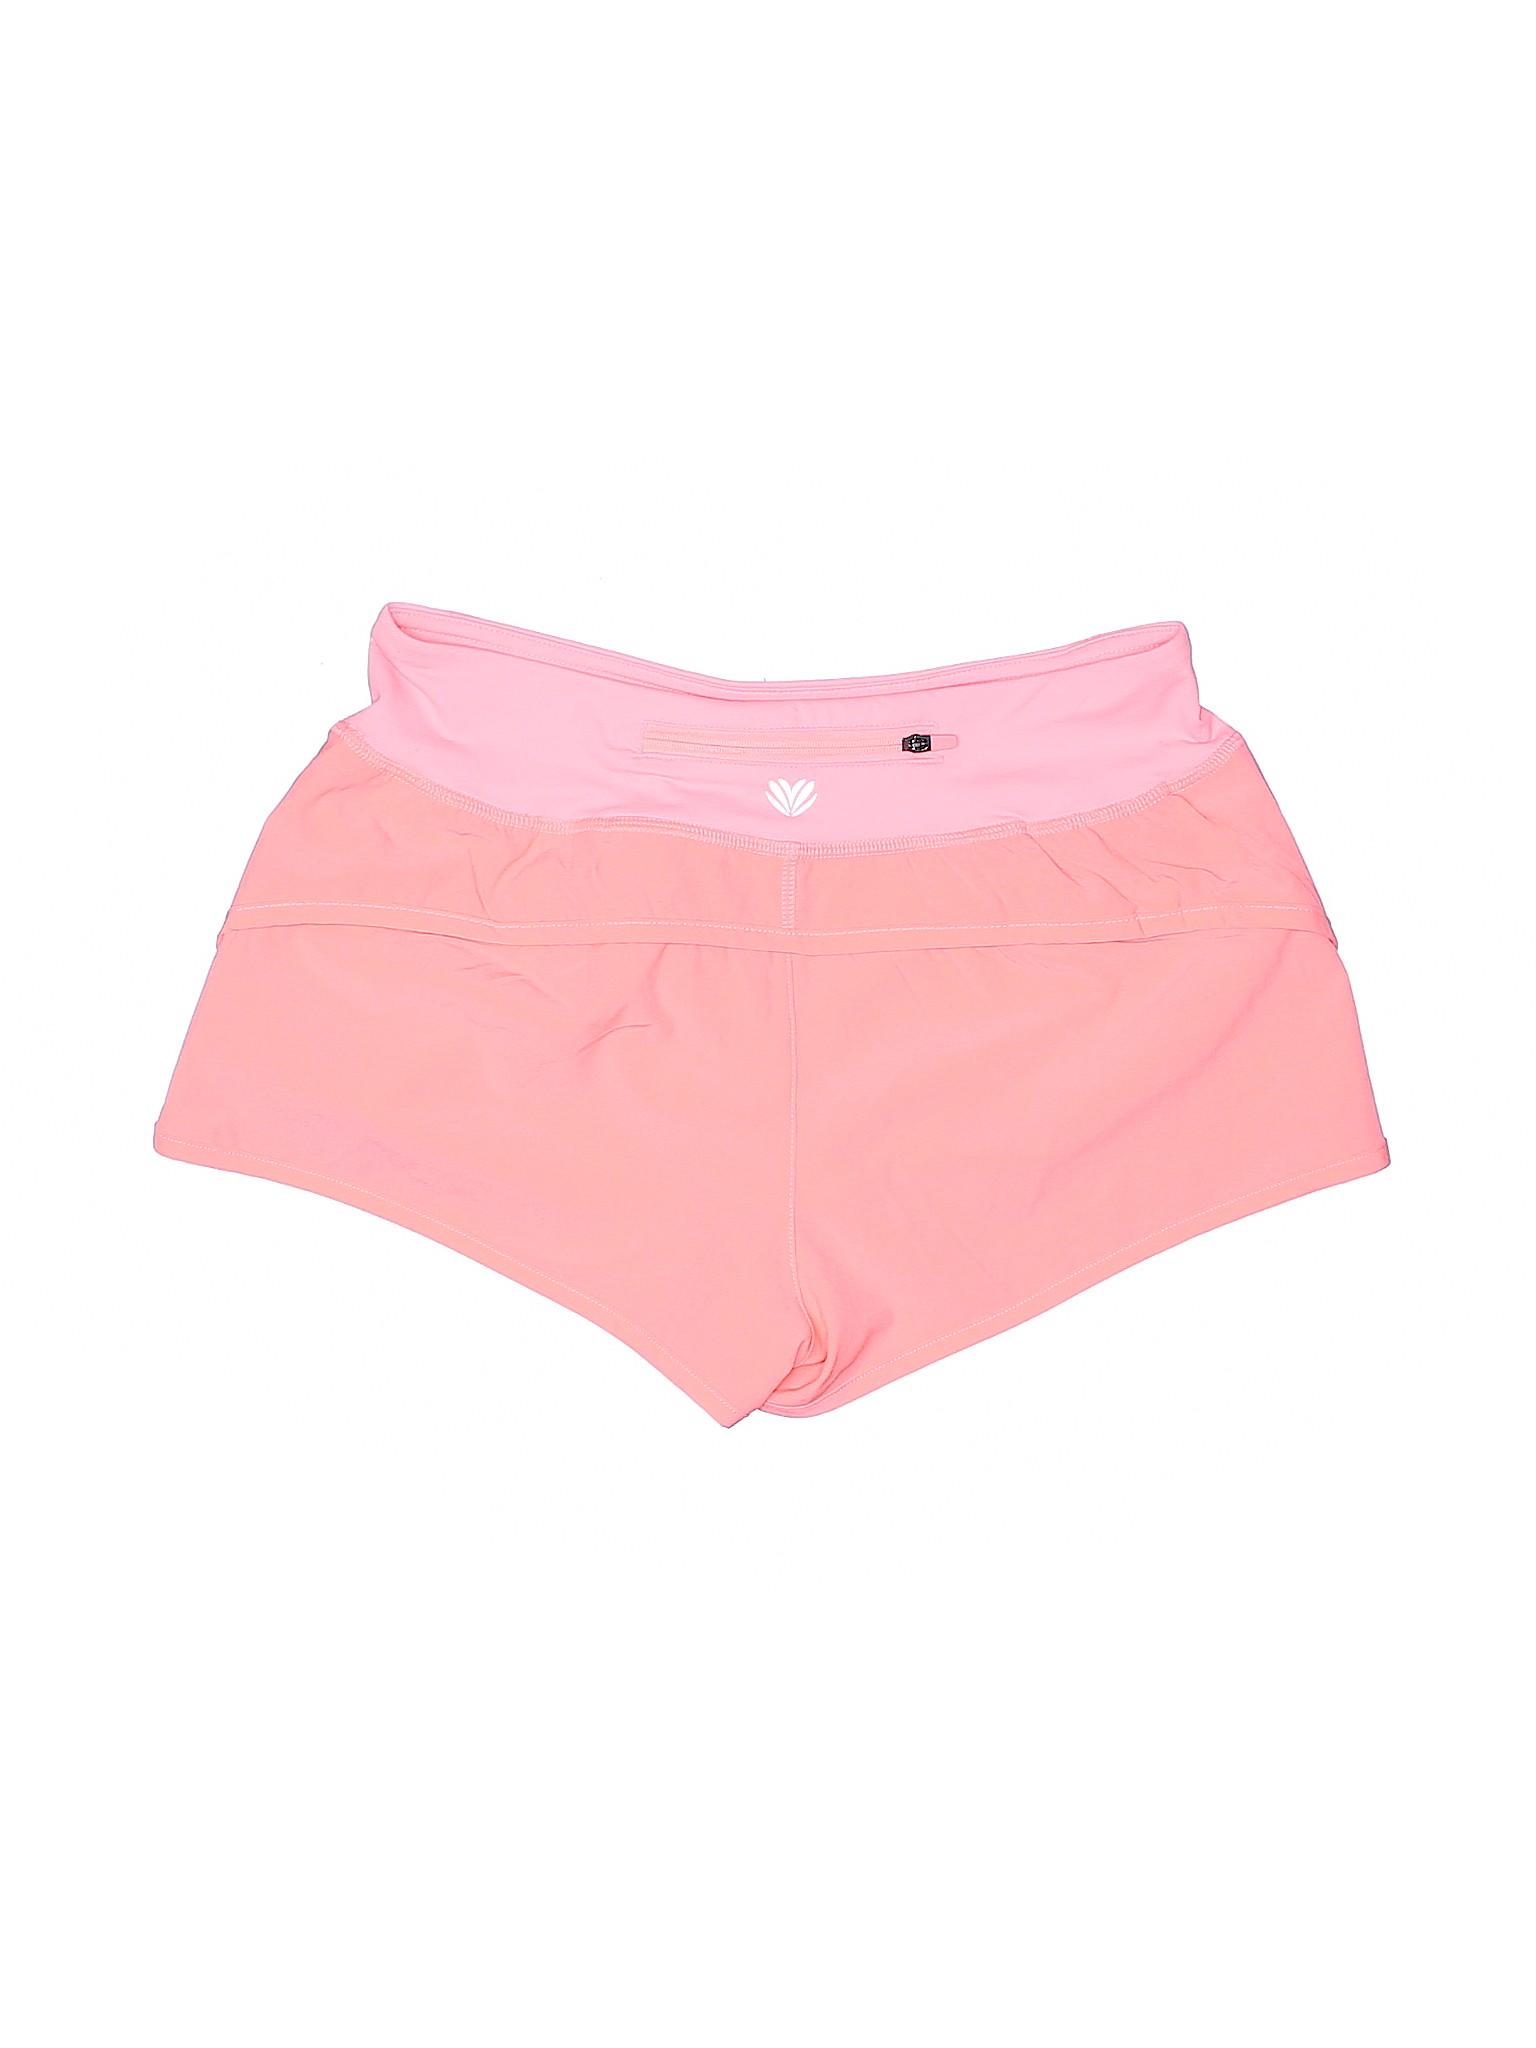 Forever 21 Leisure Athletic Shorts Boutique CxT5wBqT